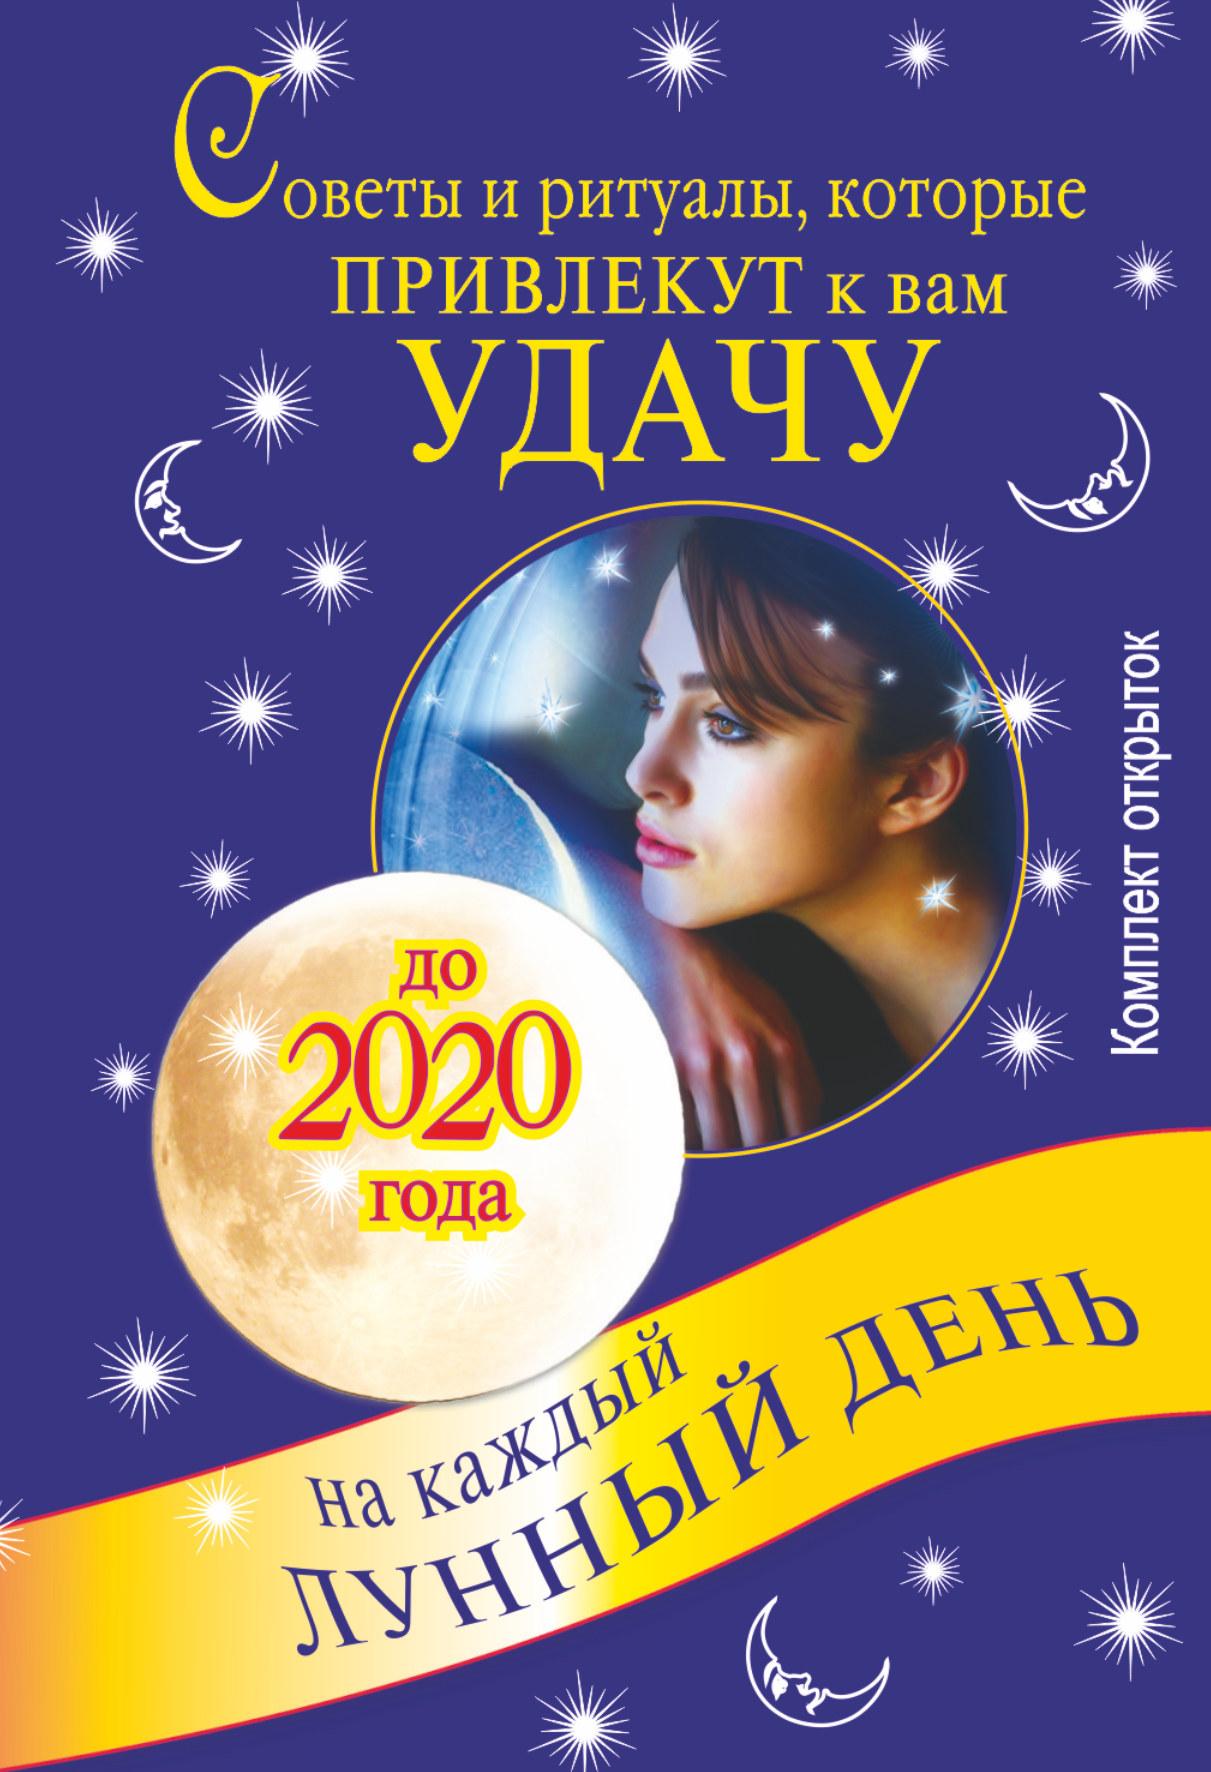 . Советы и ритуалы, которые привлекут к вам удачу на каждый лунный день до 2020 го дени м сон вашего ребенка советы и хитрости на каждый день